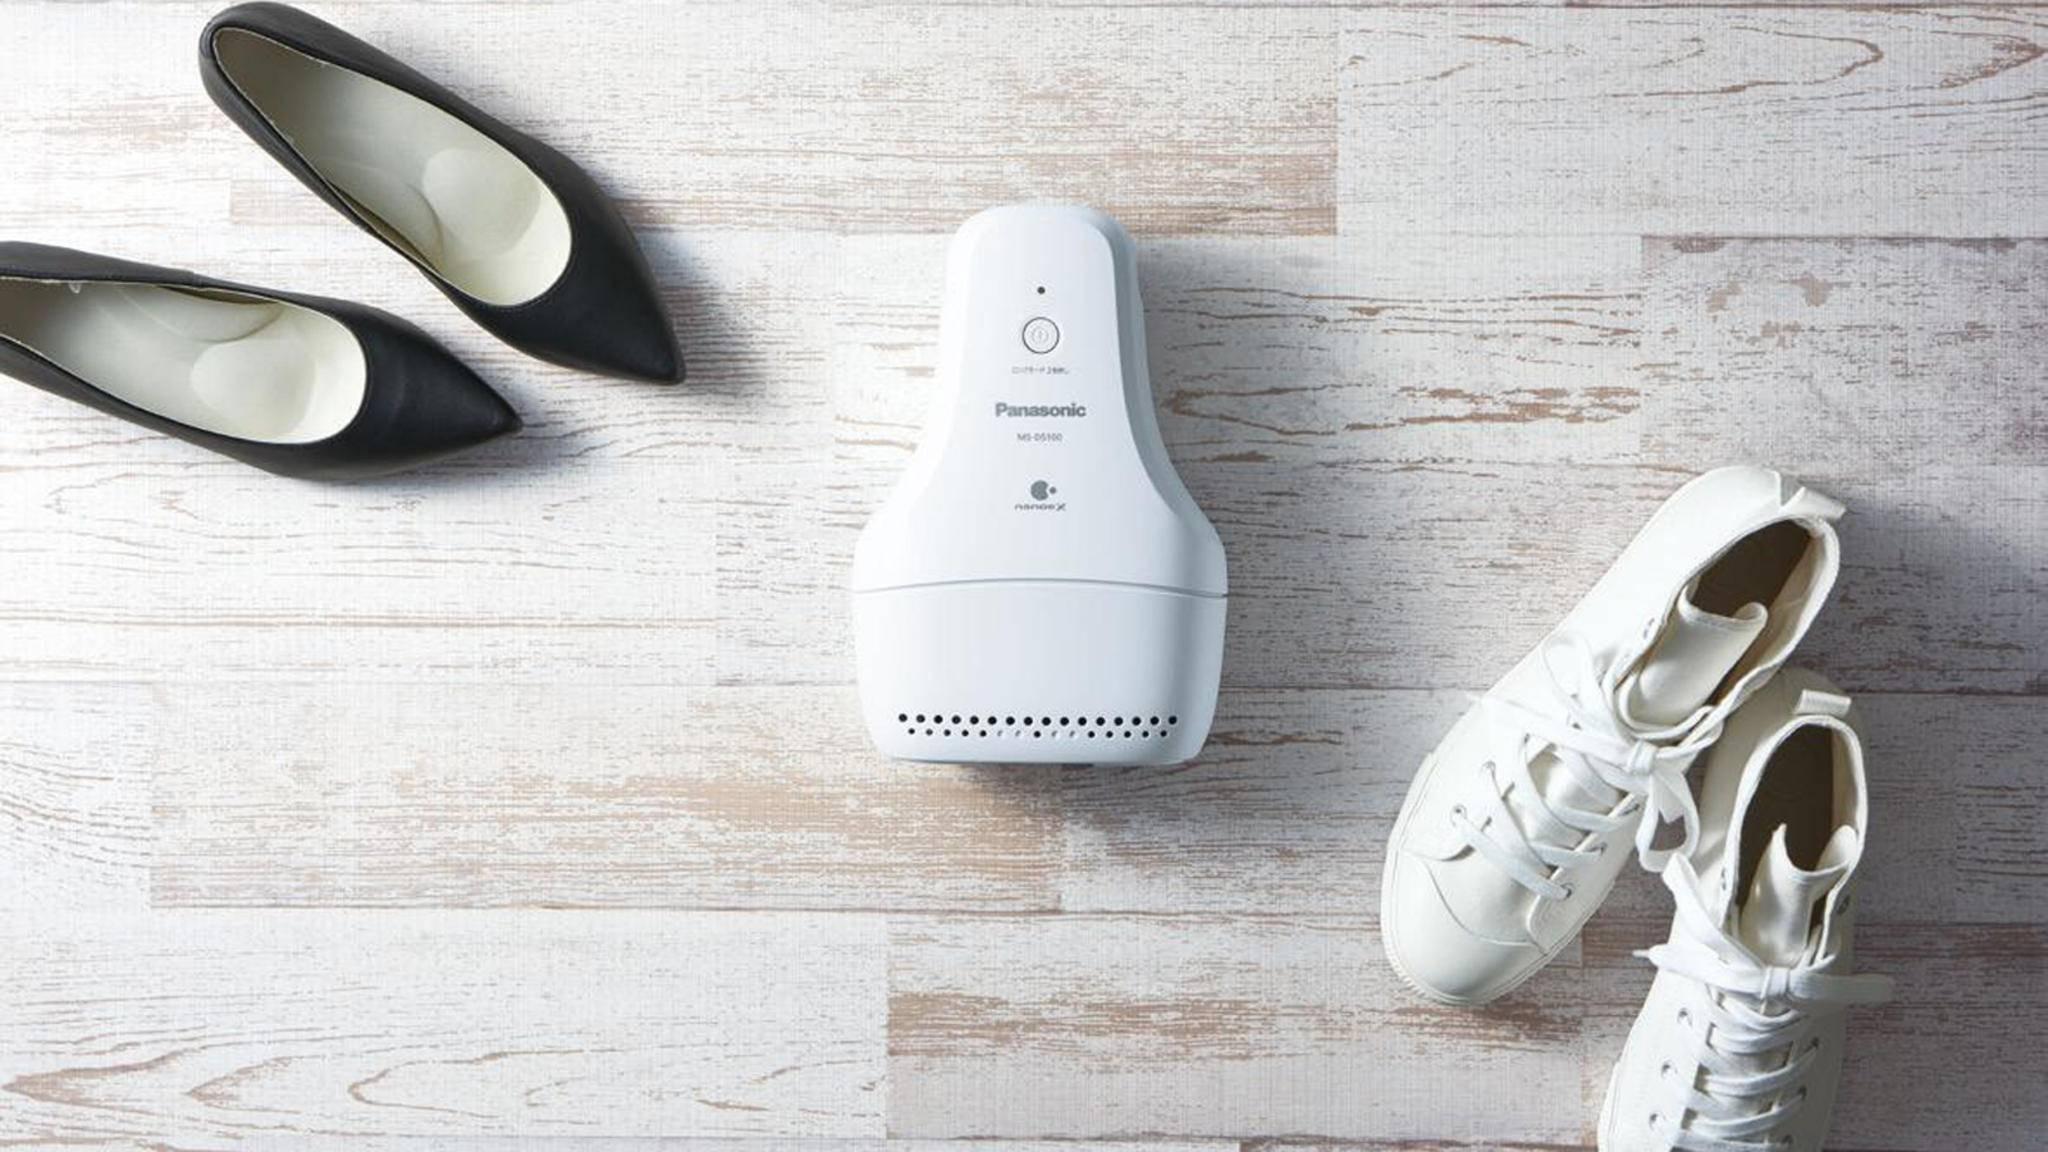 Nie wieder schlechte Gerüche im Schuh? Dafür soll das elektronische Schuhdeo von Panasonic sorgen.